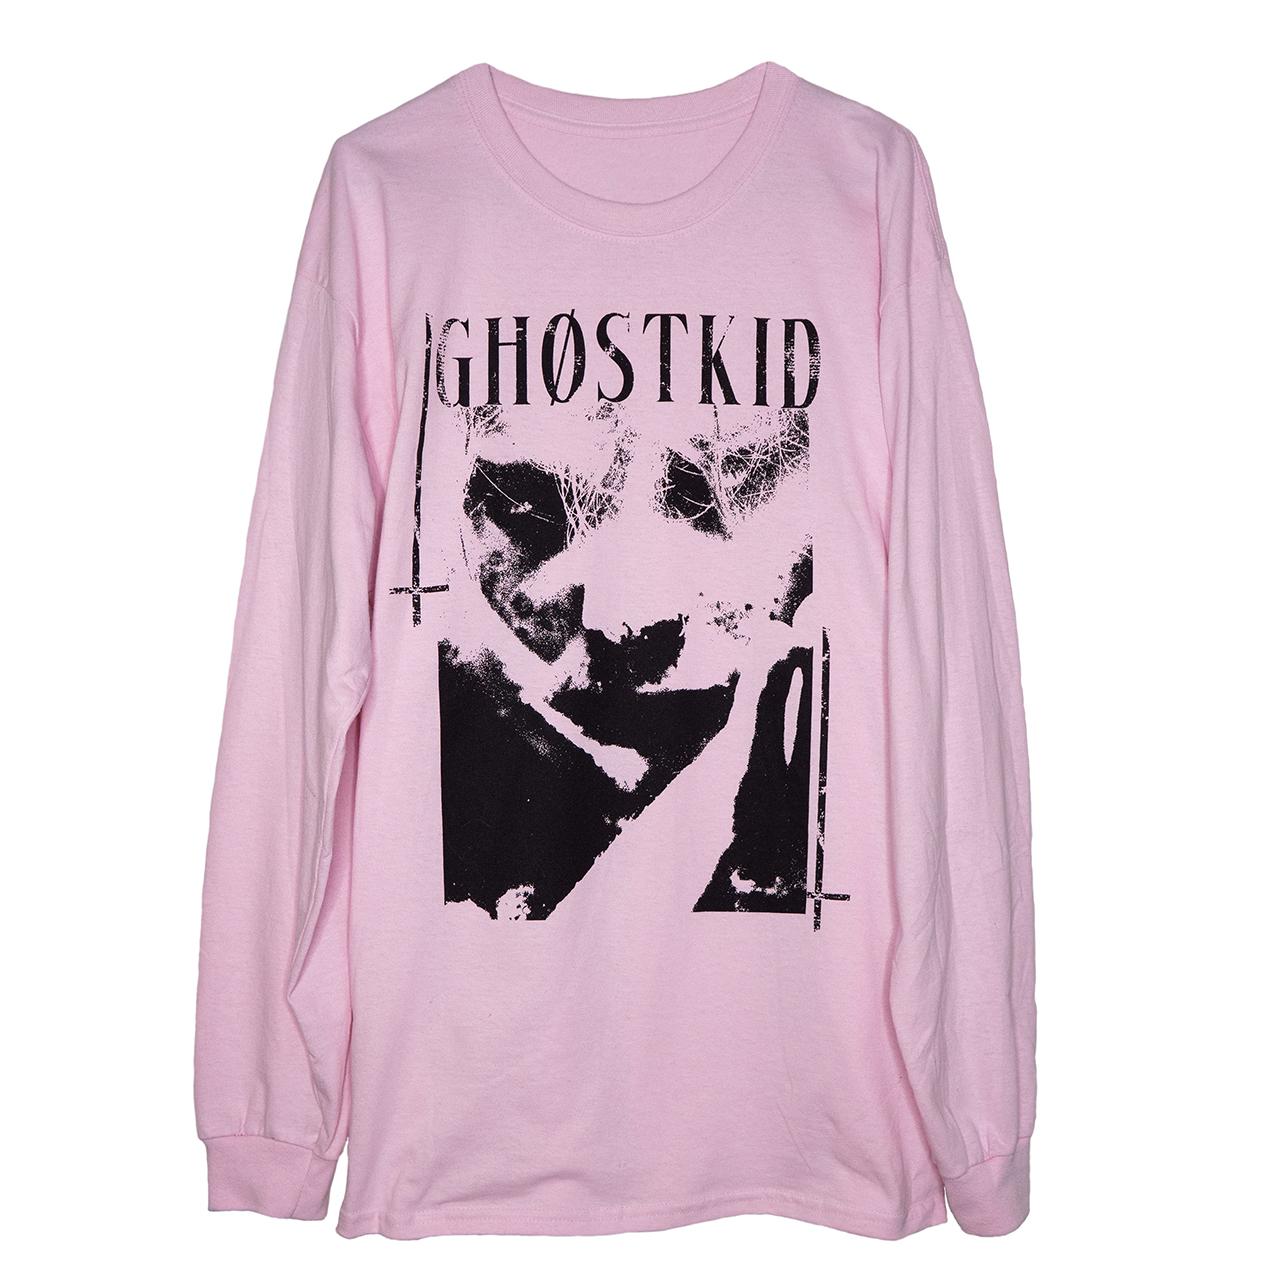 GHOSTKID Ghøstkid - Pink Longsleeve Longsleeve, pink